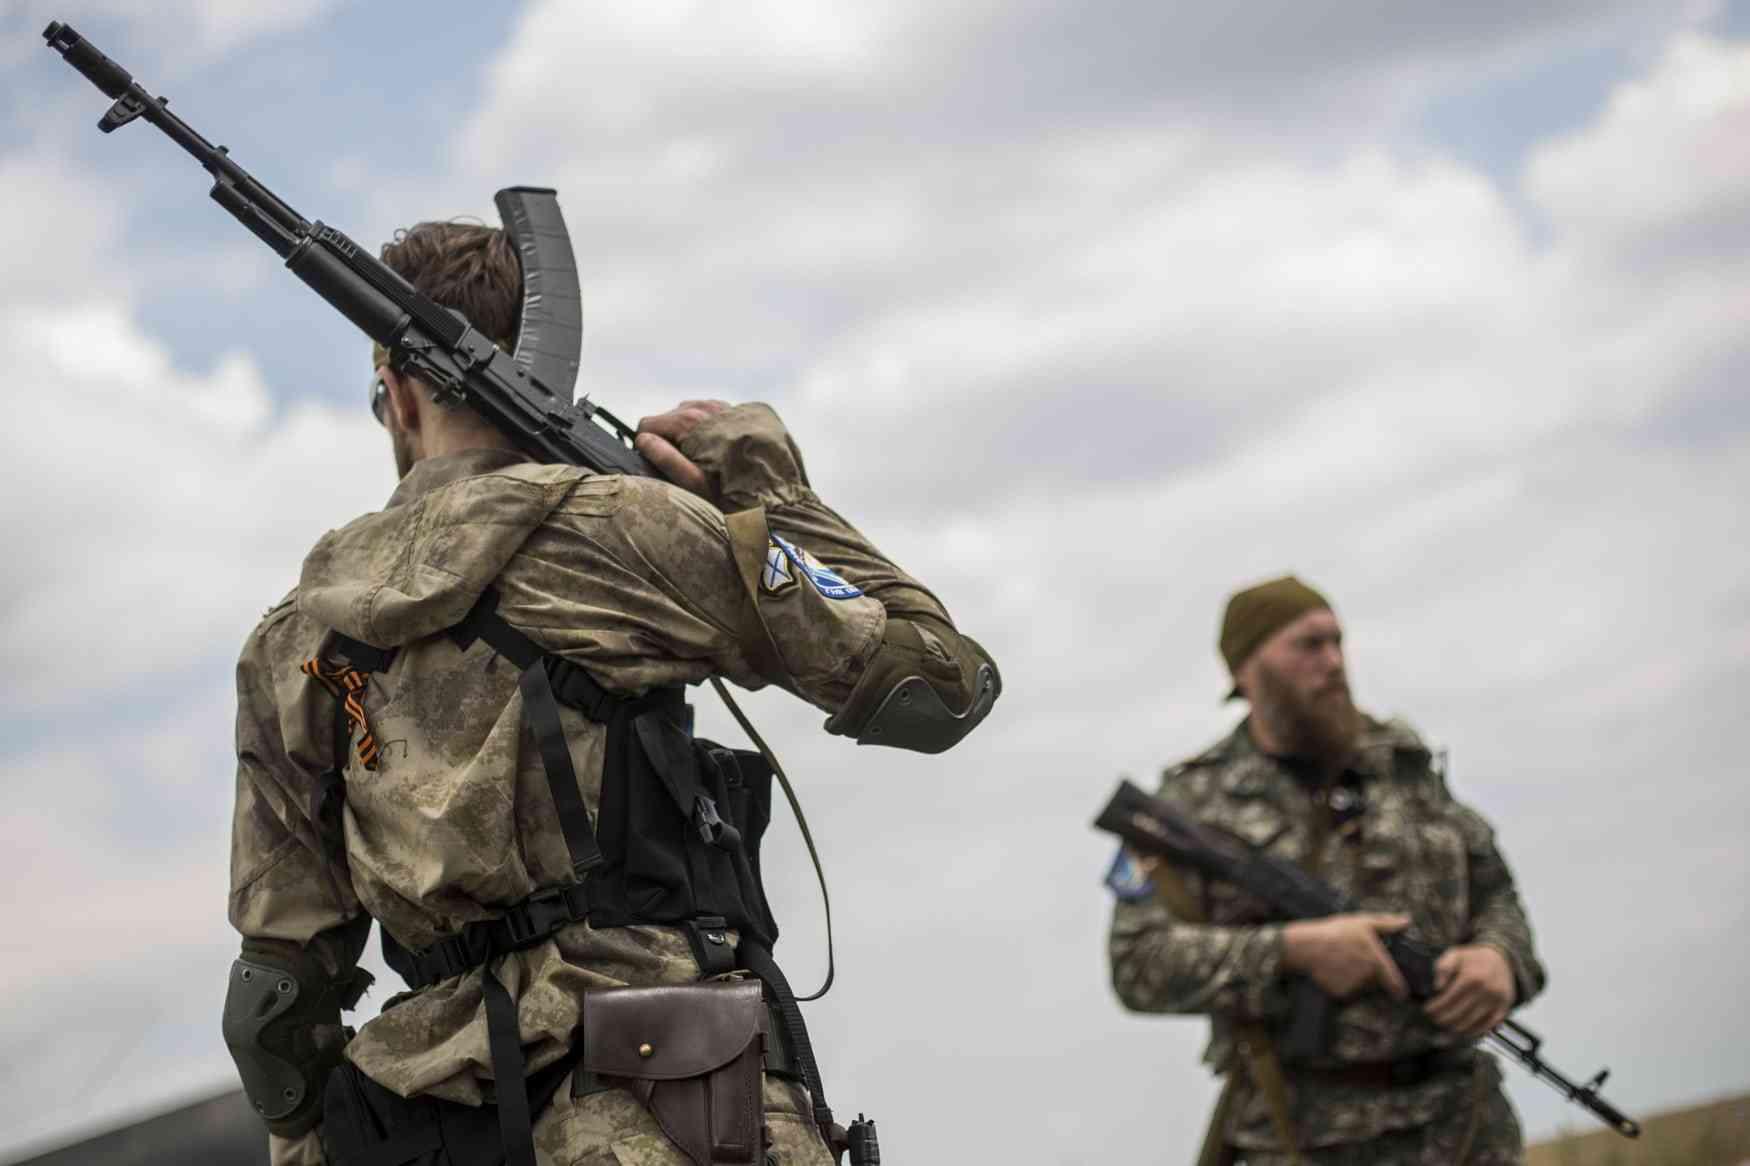 армия россии, потери, груз-200, боевики, террористы, россия, пушилин, главарь днр, донецк, луганск, донбасс, лнр, днр, война на донбассе, армия украины, всу, оос, главарь лнр, пасечник, аэропорт донецка, аэропорт луганска, формула штайнмайера